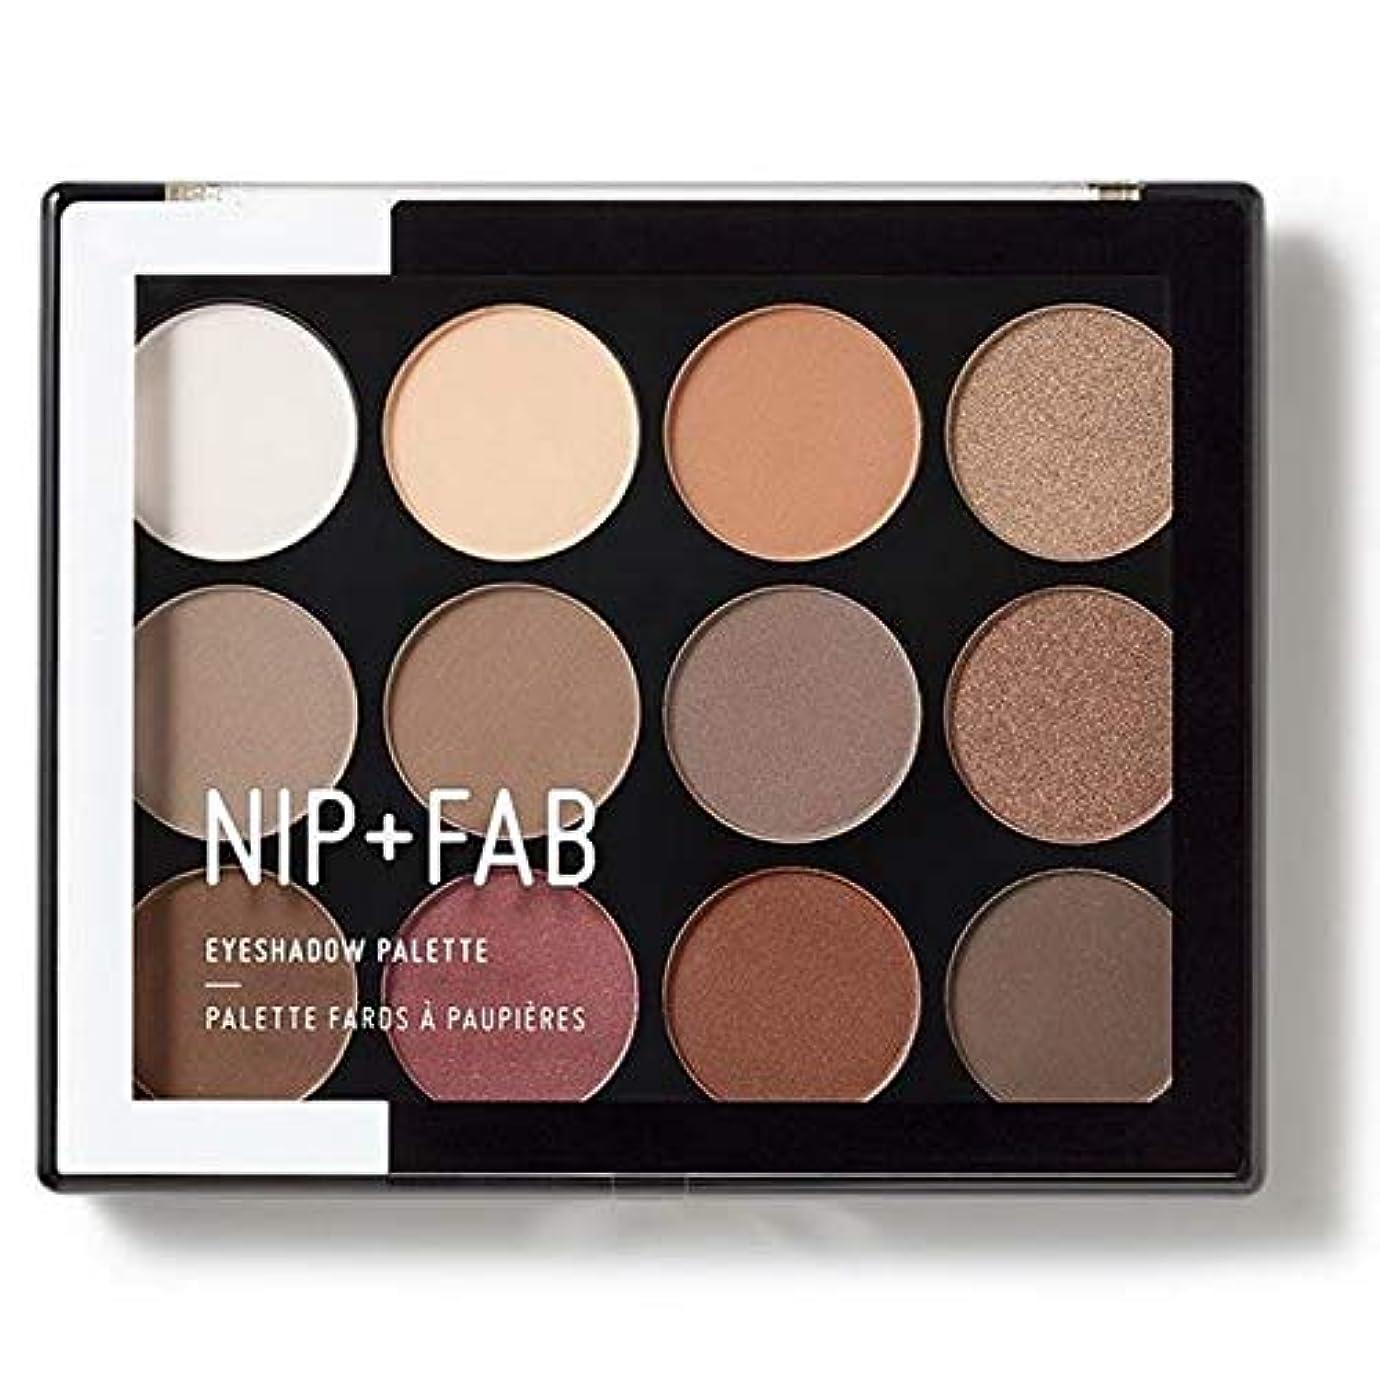 アンプハイキング責め[Nip & Fab ] アイシャドウパレット12グラムが1を彫刻作るFab +ニップ - NIP+FAB Make Up Eyeshadow Palette 12g Sculpted 1 [並行輸入品]